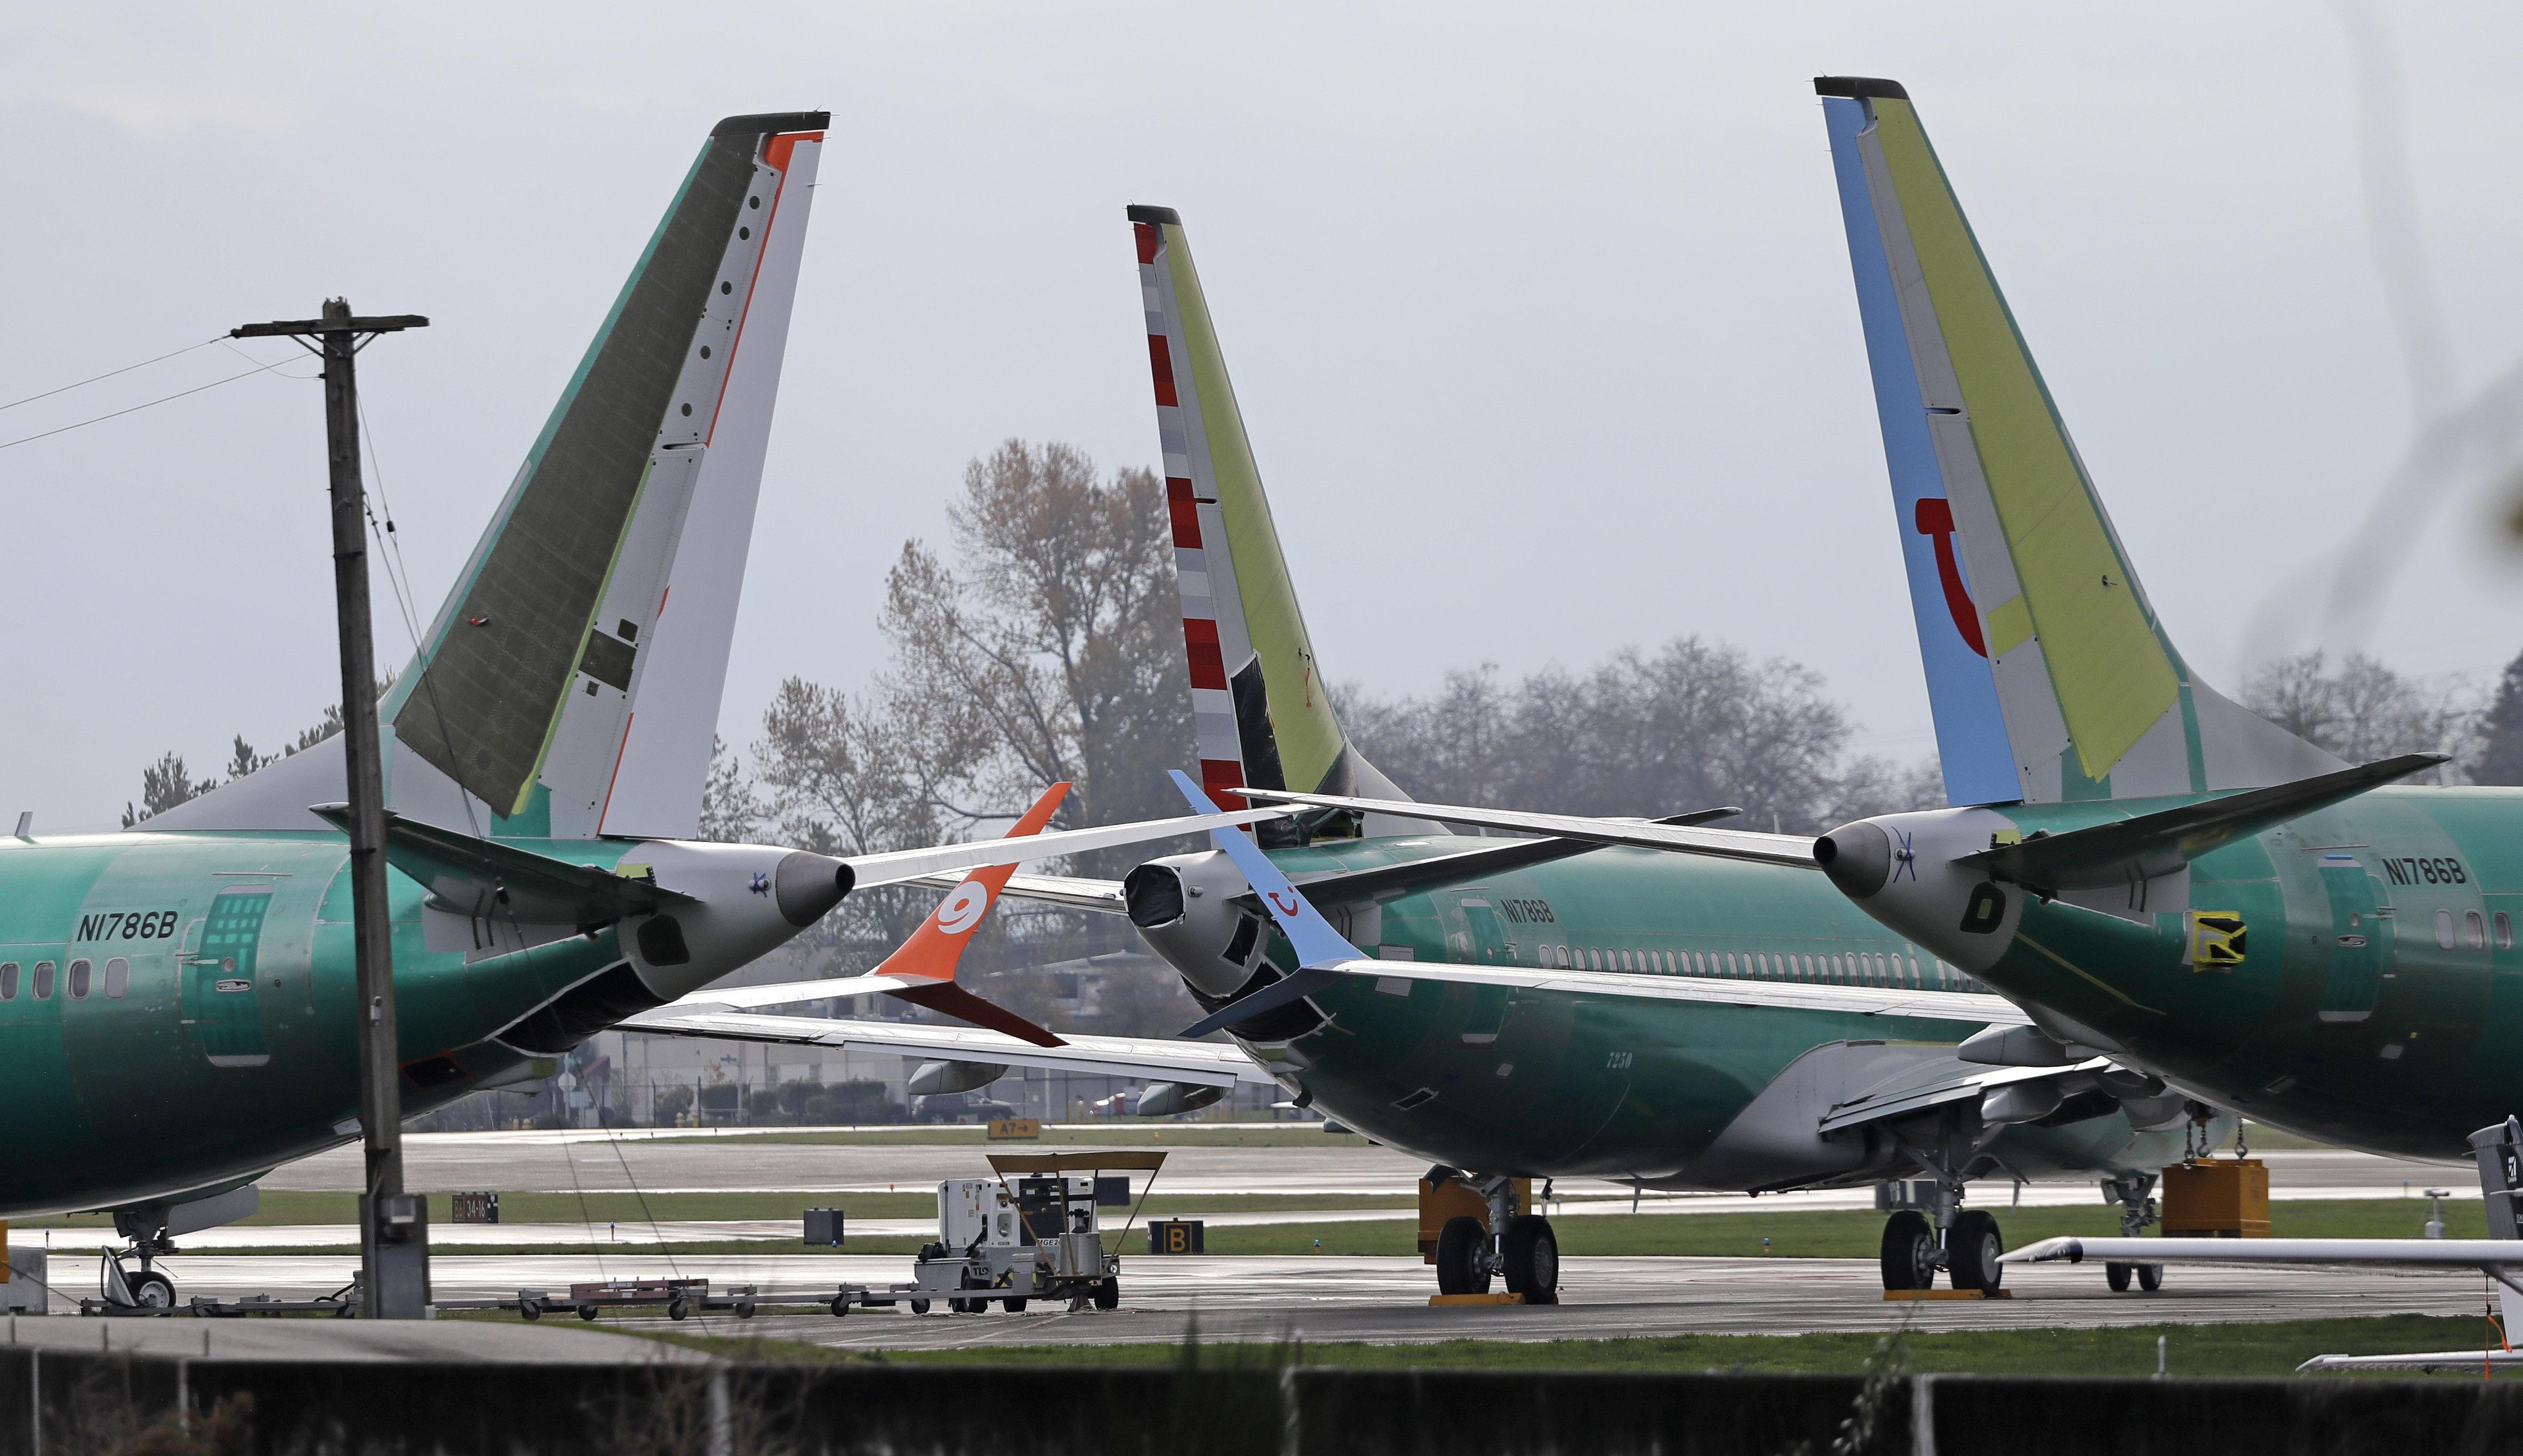 Η Κίνα και η Αιθιοπία αναστέλλουν όλες τις πτήσεις με Boeing 737 MAX